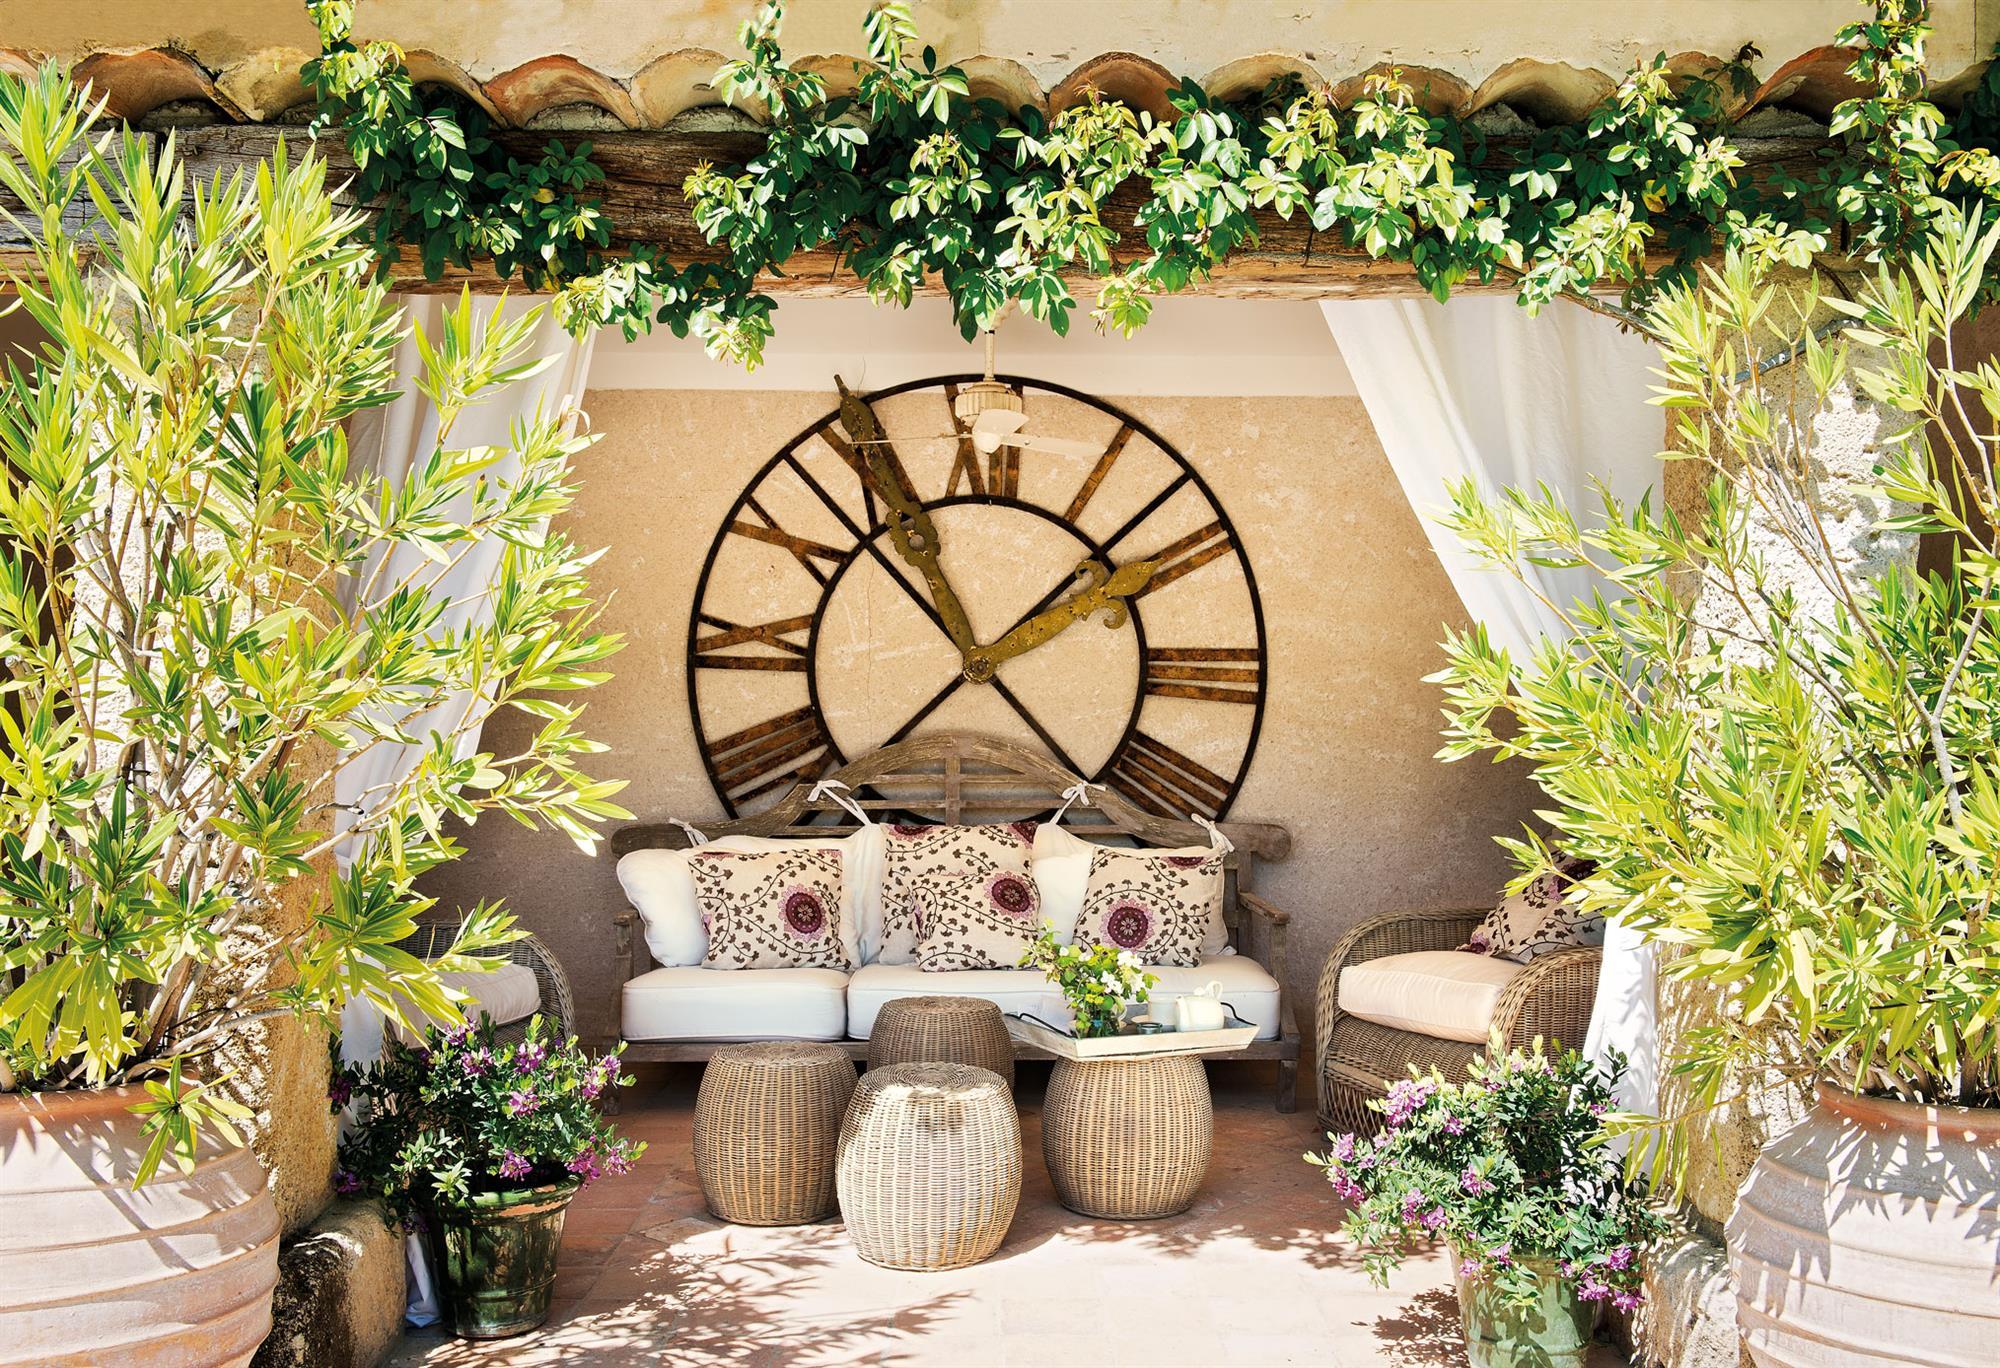 Relojes para decorar y c mo integrarlos en la decoraci n - Relojes pared grandes ...